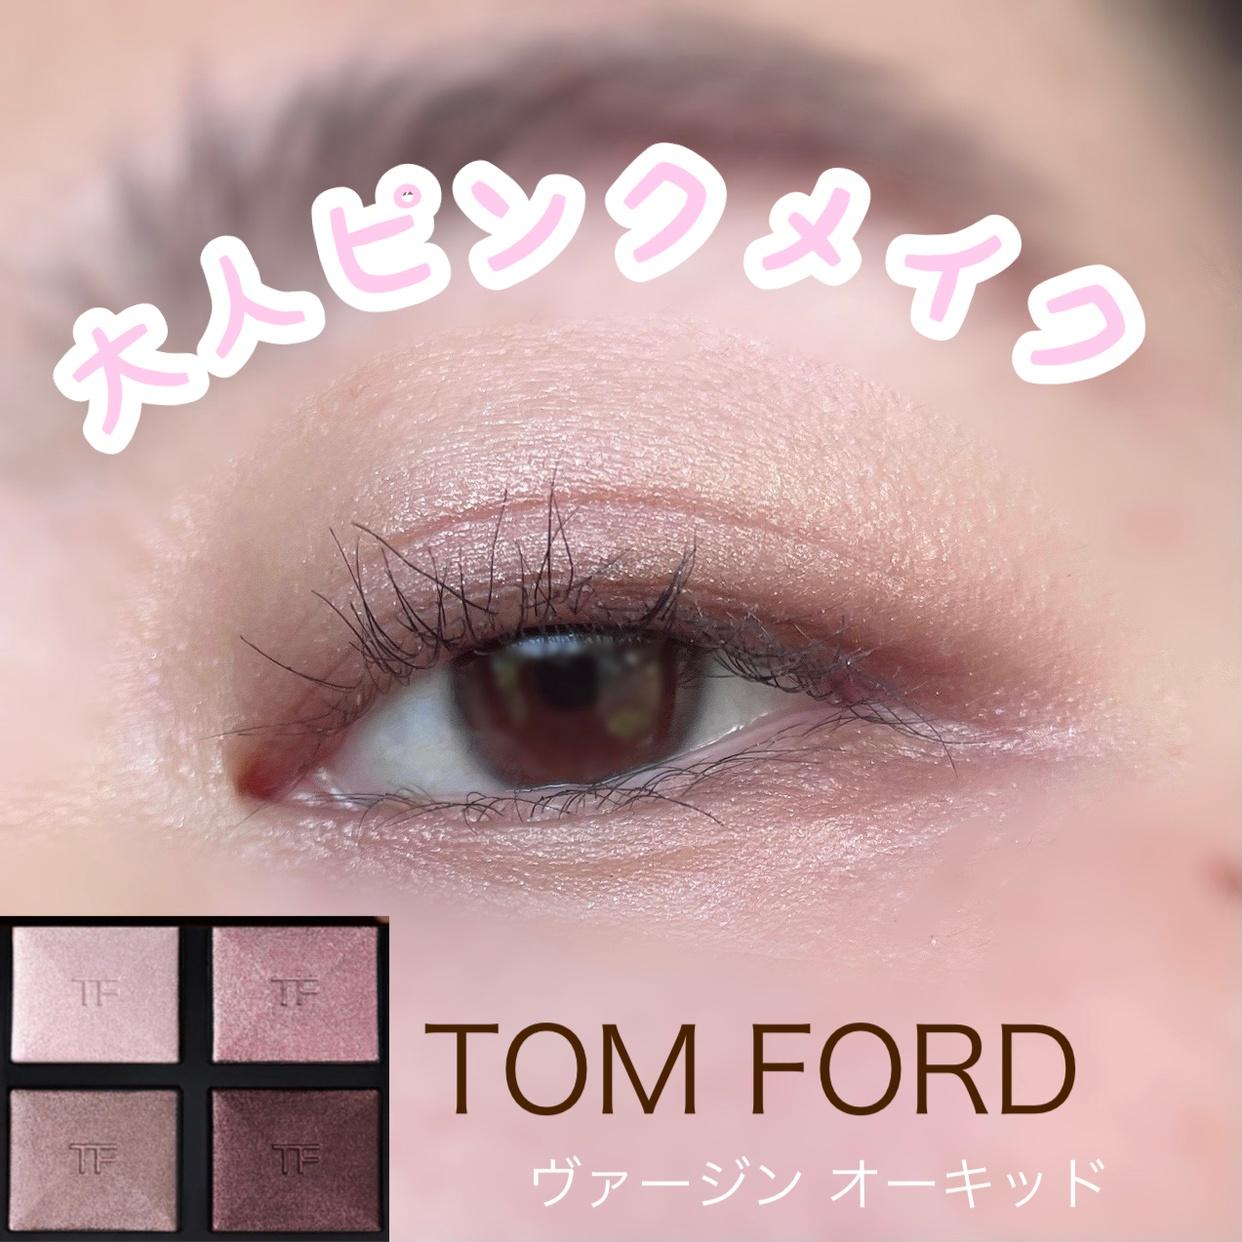 TOM FORD BEAUTY(トムフォードビューティー)アイ カラー クォードを使ったあひるさんのクチコミ画像